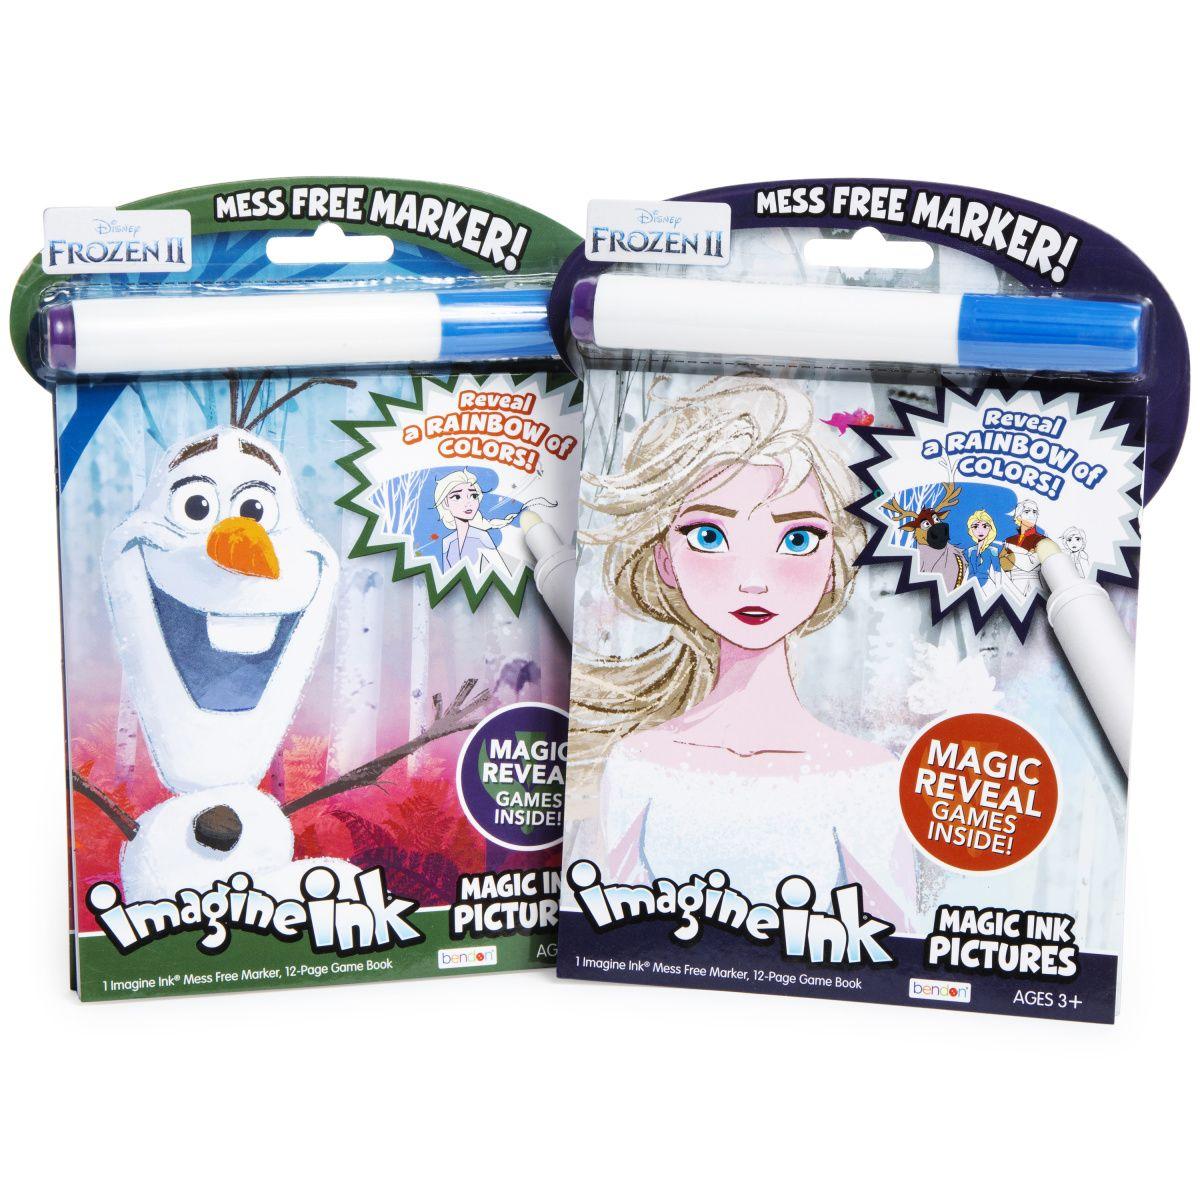 Disney Frozen 2 Imagine Ink Magic Ink Pictures Coloring Book Coloring Books Disney Frozen 2 Disney Frozen